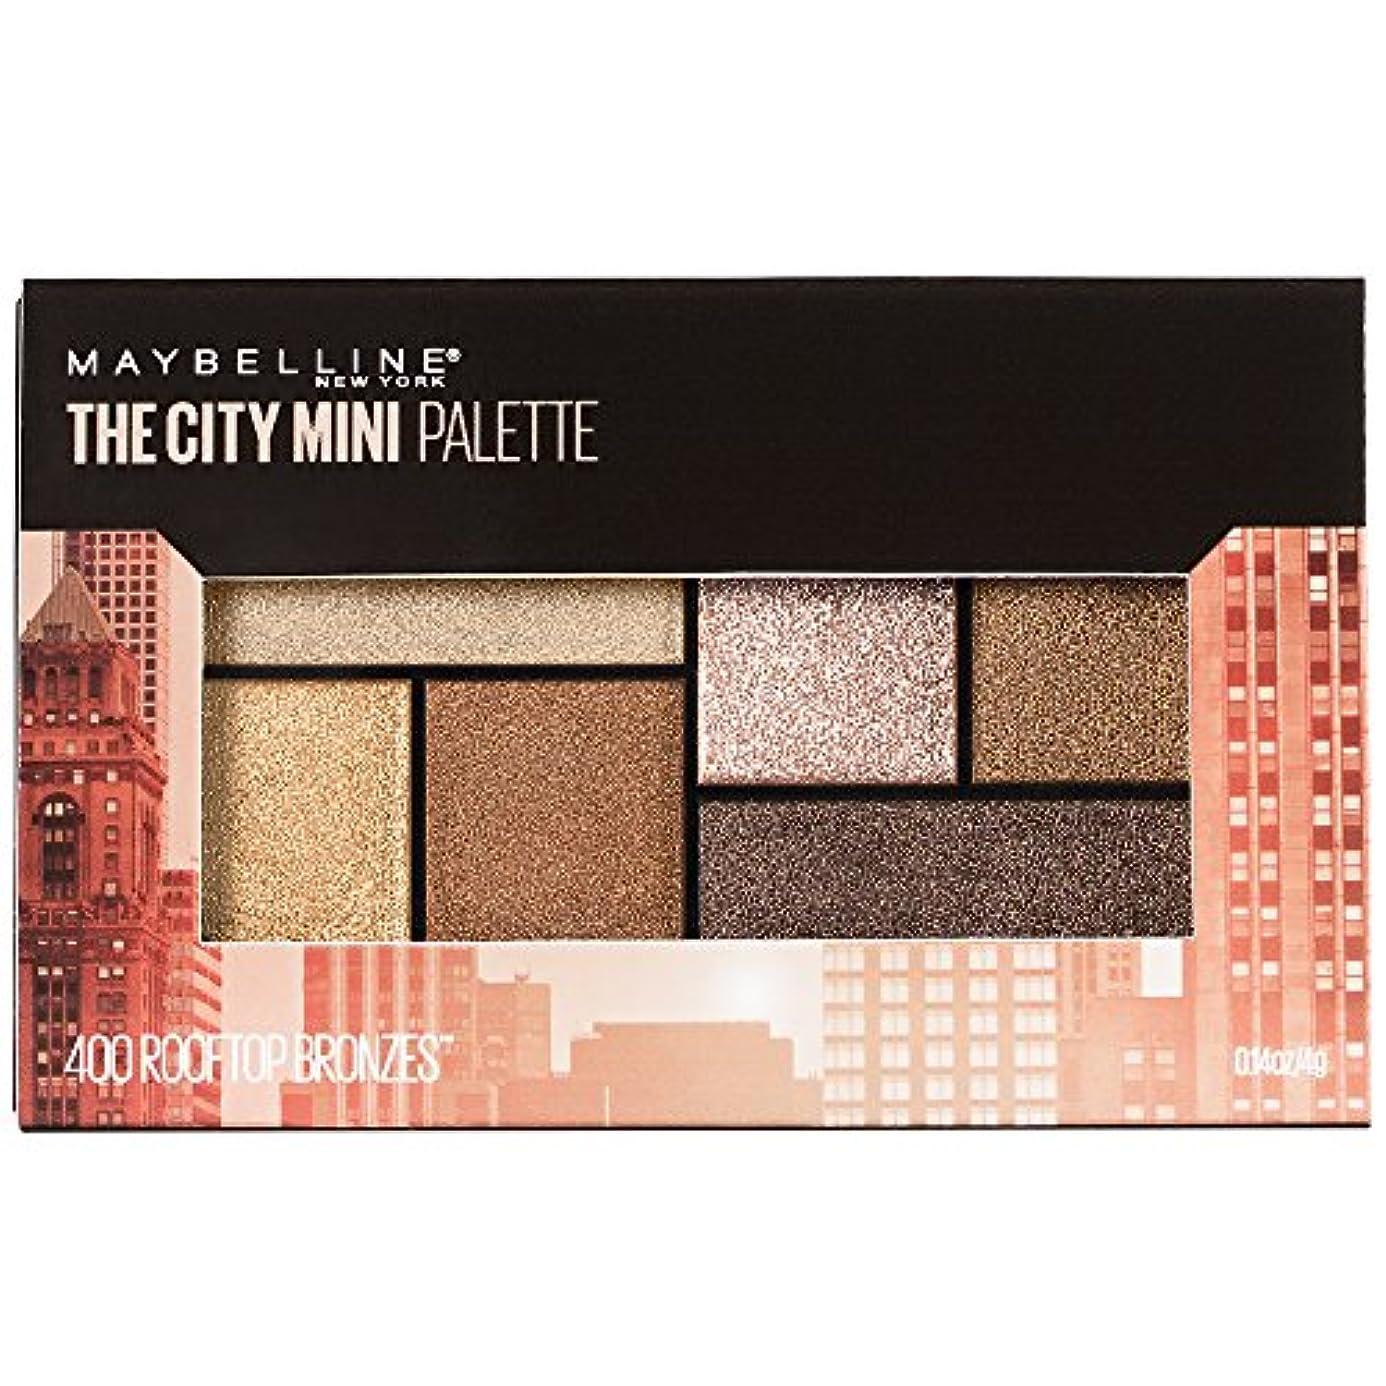 大人謝罪する月MAYBELLINE The City Mini Palette - Rooftop Bronzes (並行輸入品)